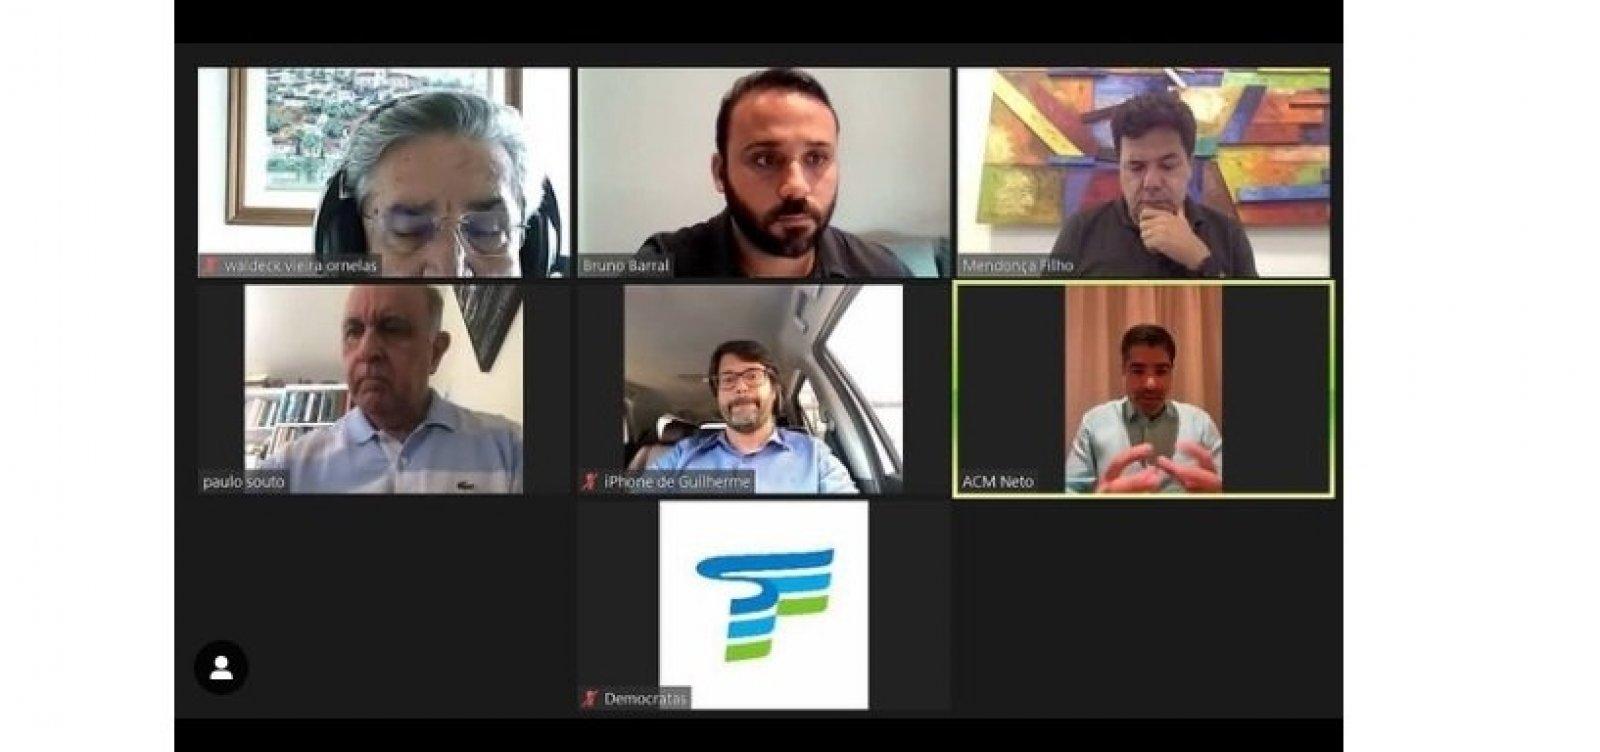 Presidente do Bahia, Bellintani participa de encontro virtual com ACM Neto e Paulo Souto